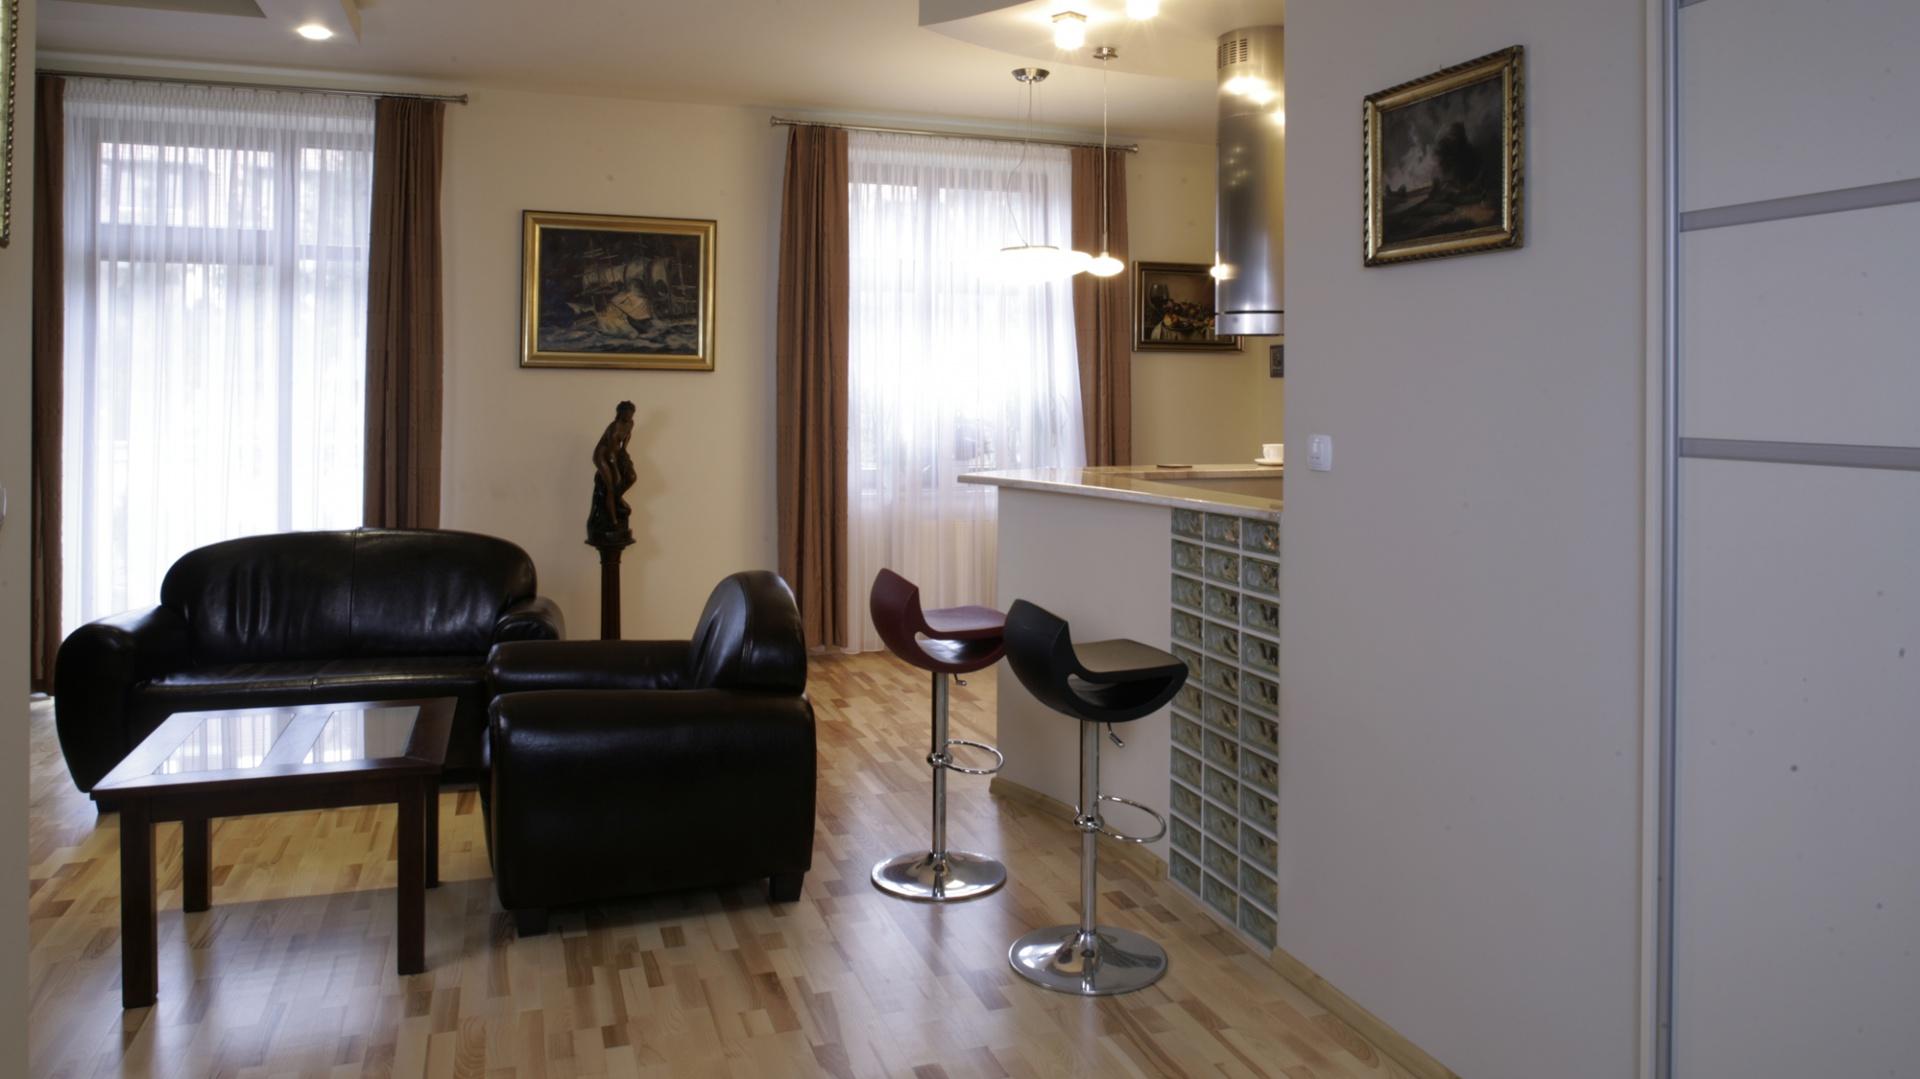 Nowoczesne, barowe krzesełka przy bufecie, są najbardziej współczesnym akcentem w tym stylowym wnętrzu. Fot. Monika Filipiuk.